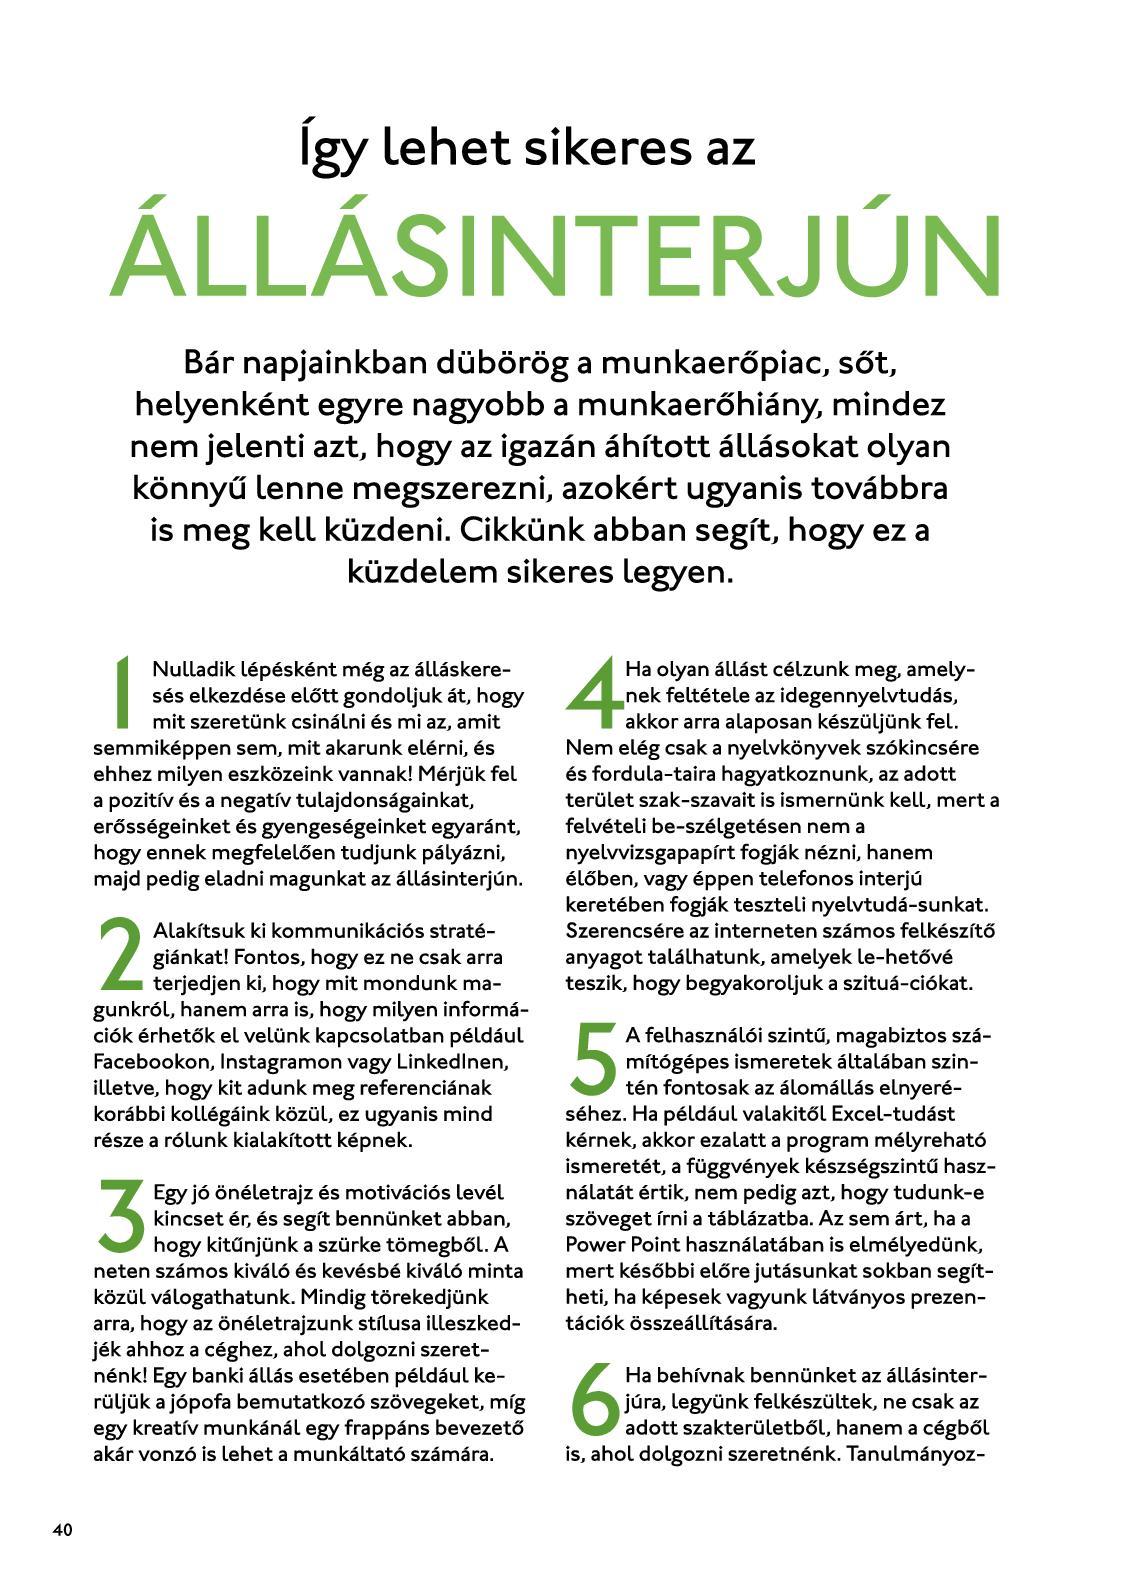 Útmutató: a koronavírusos betegek otthoni ápolása – Semmelweis Hírek